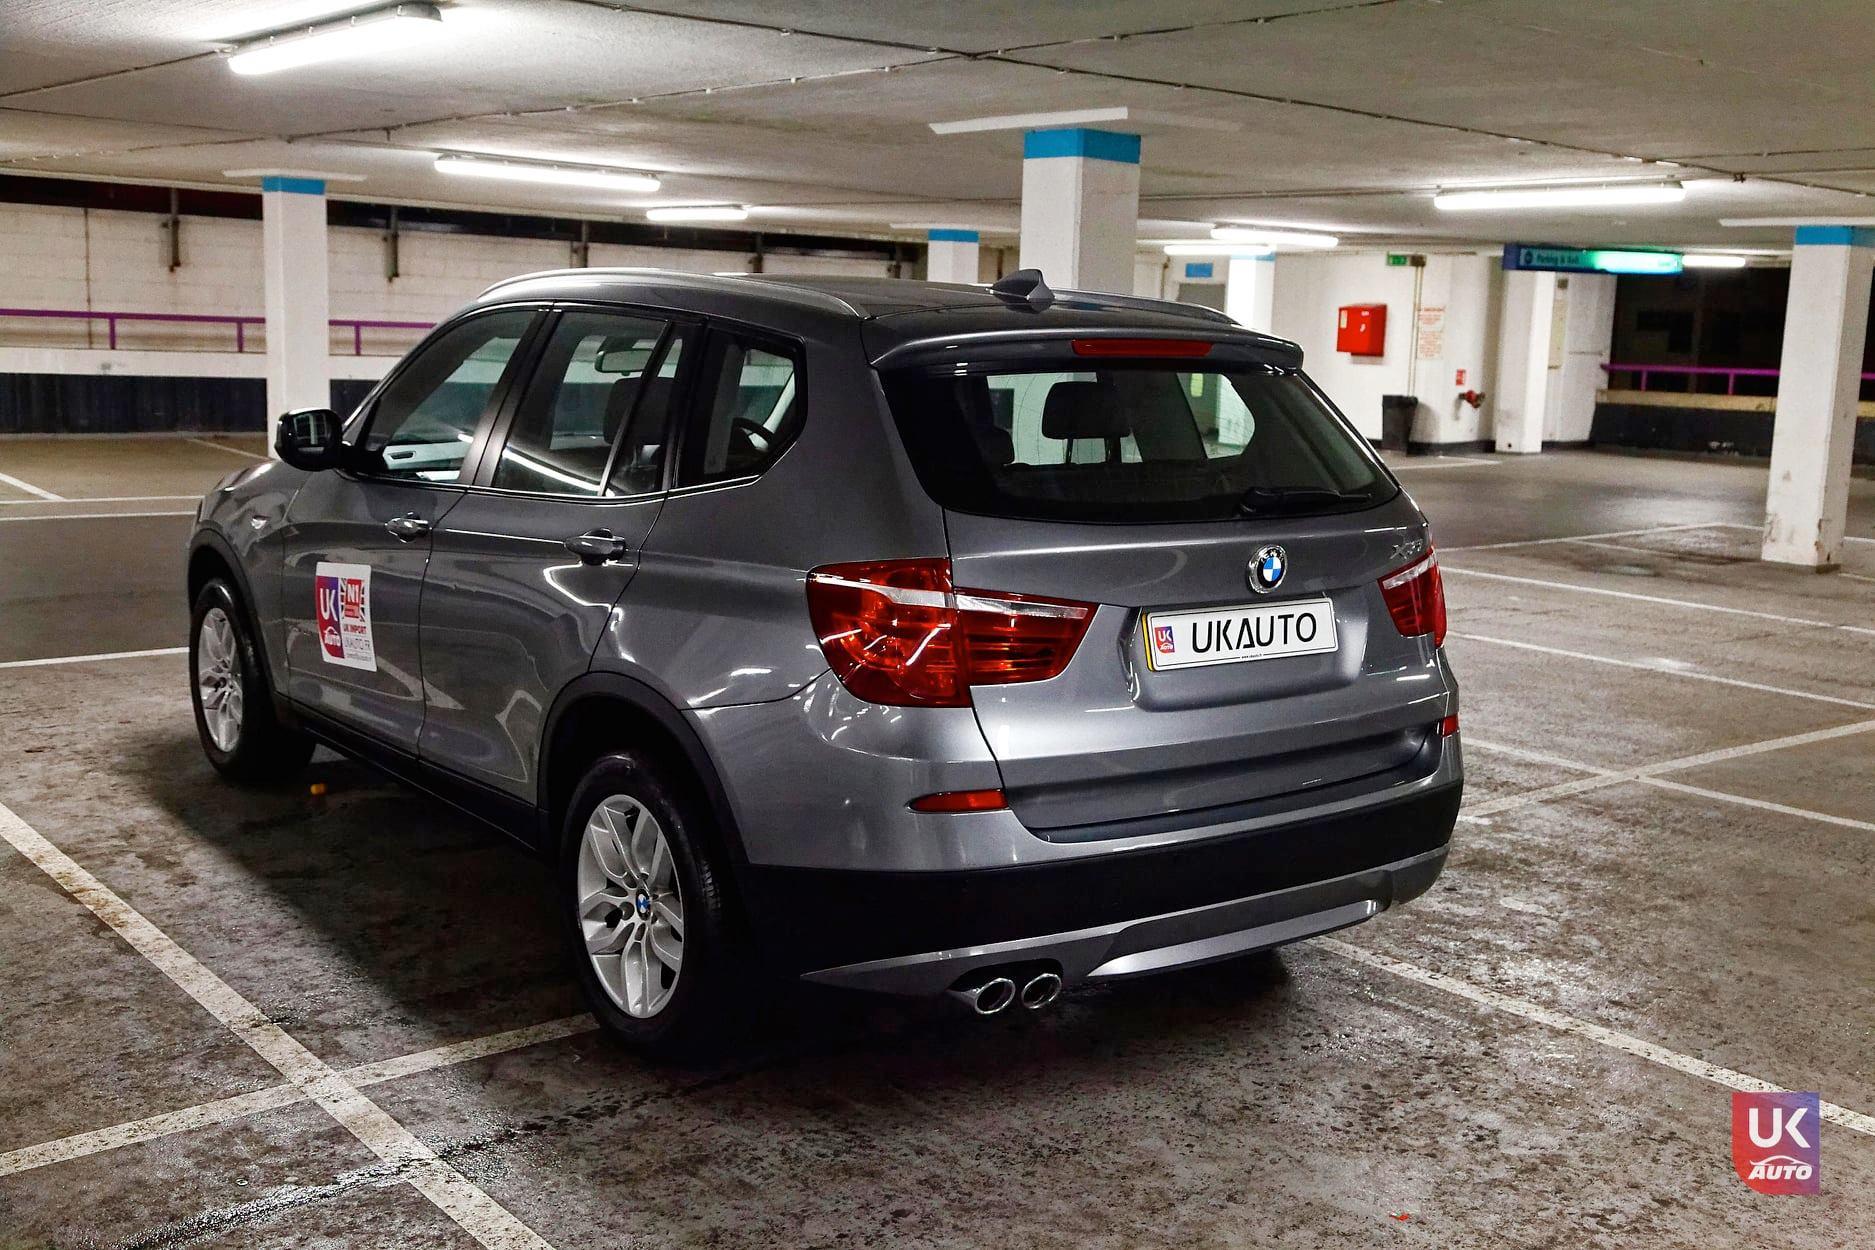 Voiture occasion royaume uni BMW X3 IMPORT UK6 - Voiture occasion royaume uni BMW X3 IMPORT UK